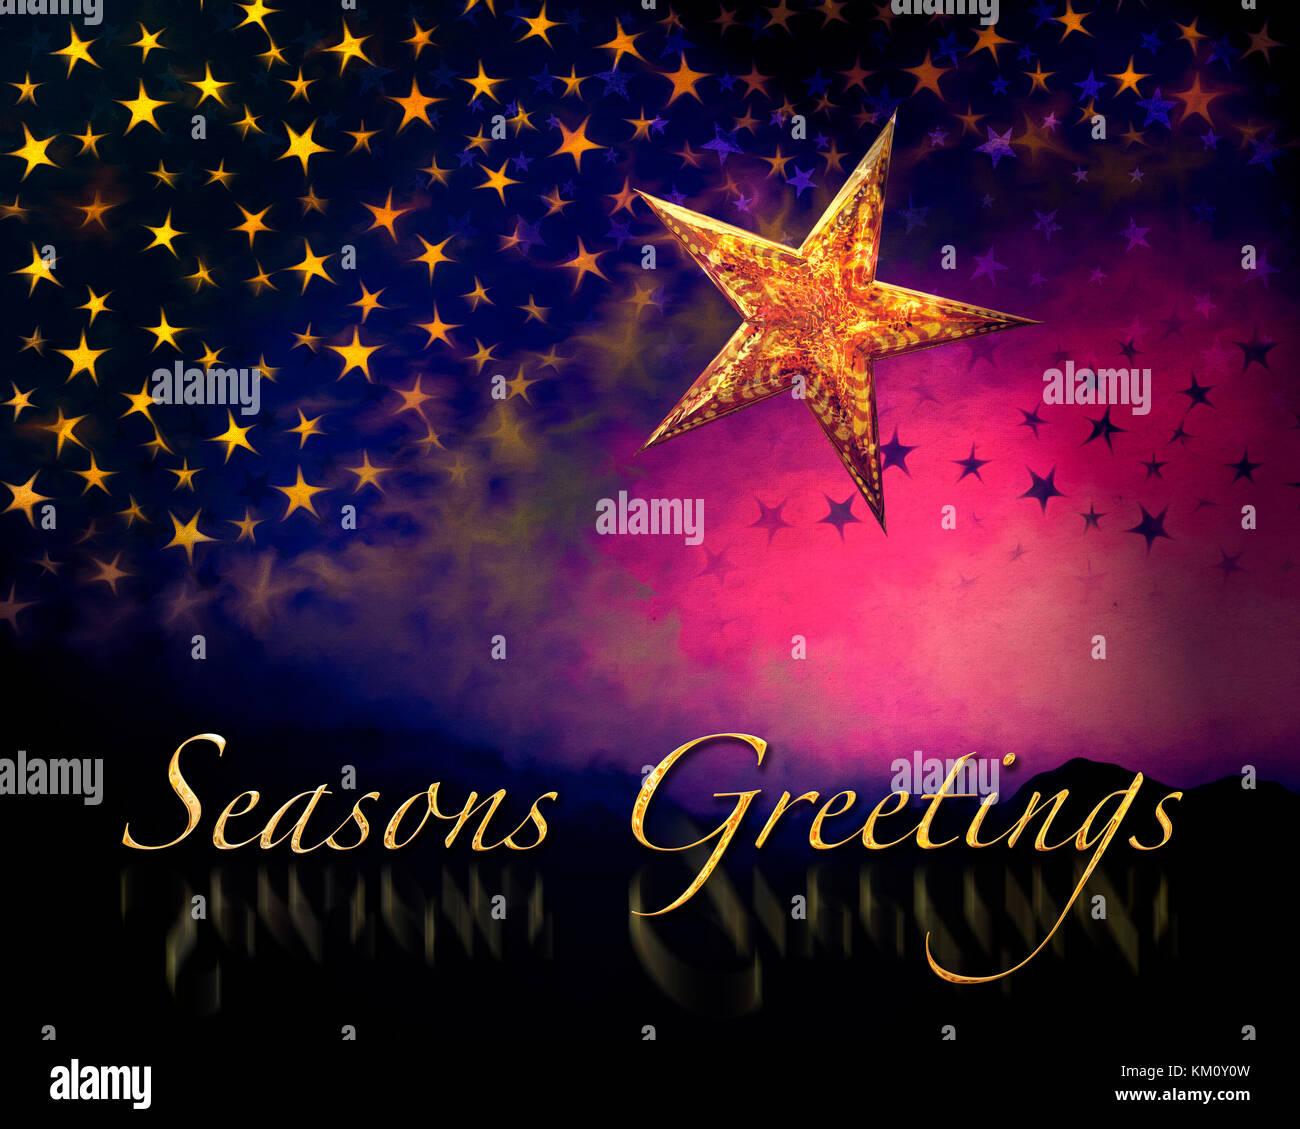 Christmas xmas card seasons greetings stock photos christmas xmas christmas concept seasons greetings stock image m4hsunfo